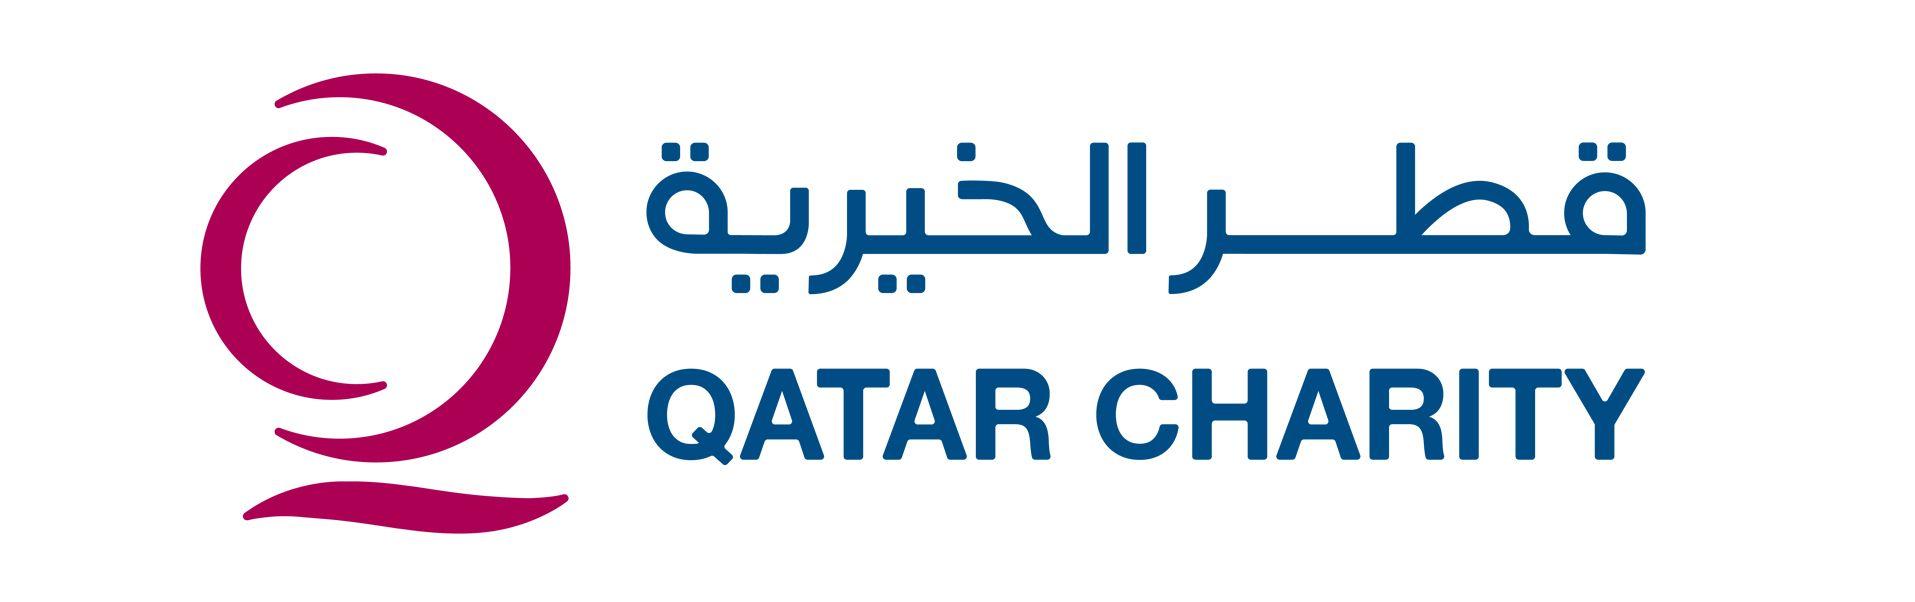 قطر الخيرية ترعى أعمال المنتدى الدولي 2019 Aidex ببروكسل وتشارك في فعالياته Charity Support International Charities Charity